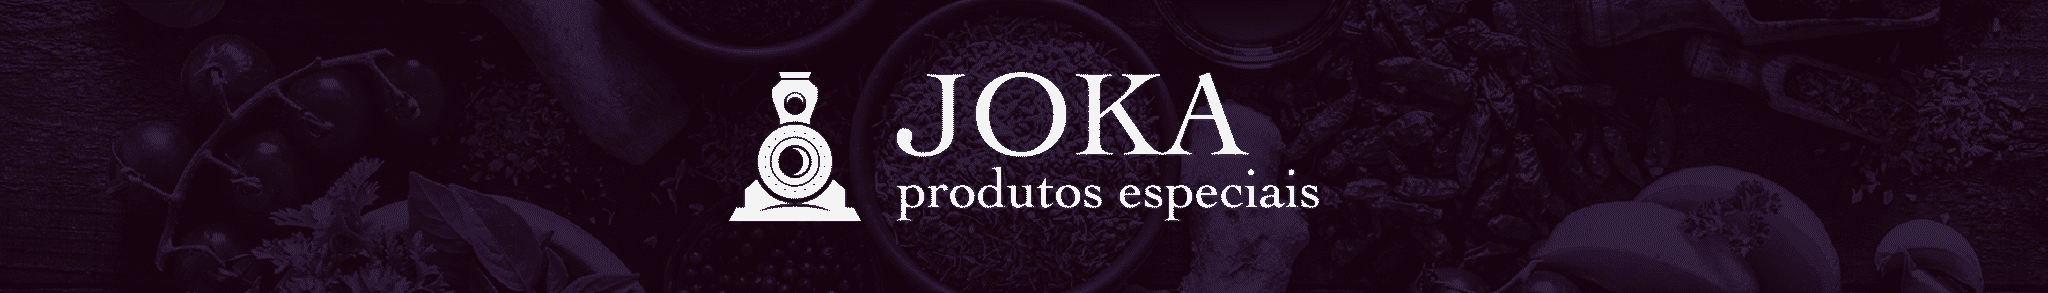 Joka Capa 02c